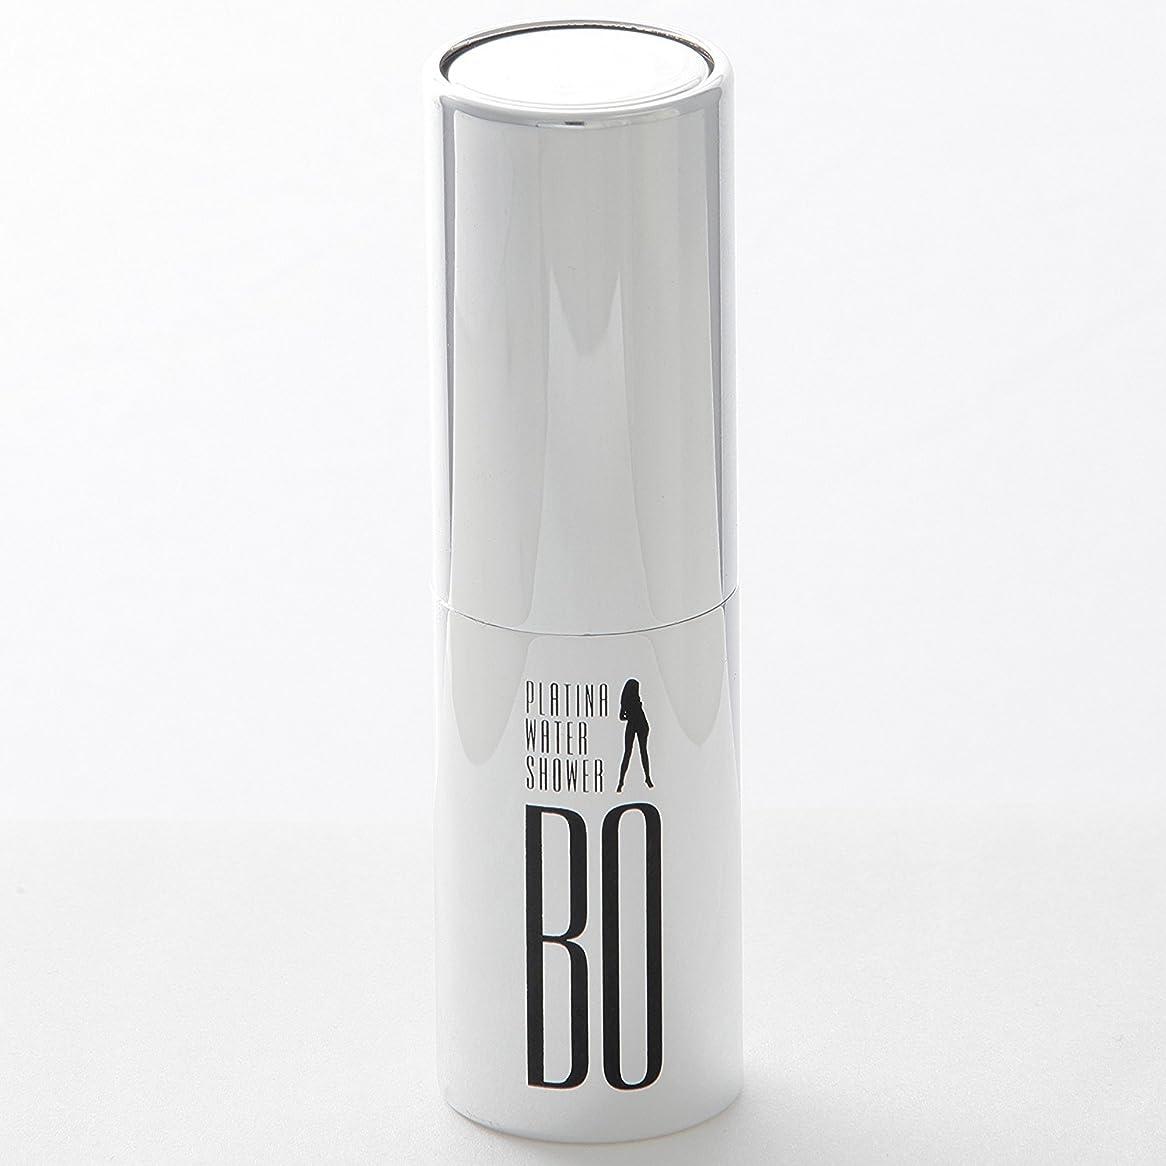 論理的に法医学接続詞BO PLATINA WATER SHOWER 20ml ナノプラチナ 消臭 除菌99.9% ニオイ戻りゼロ ヘアートリートメント